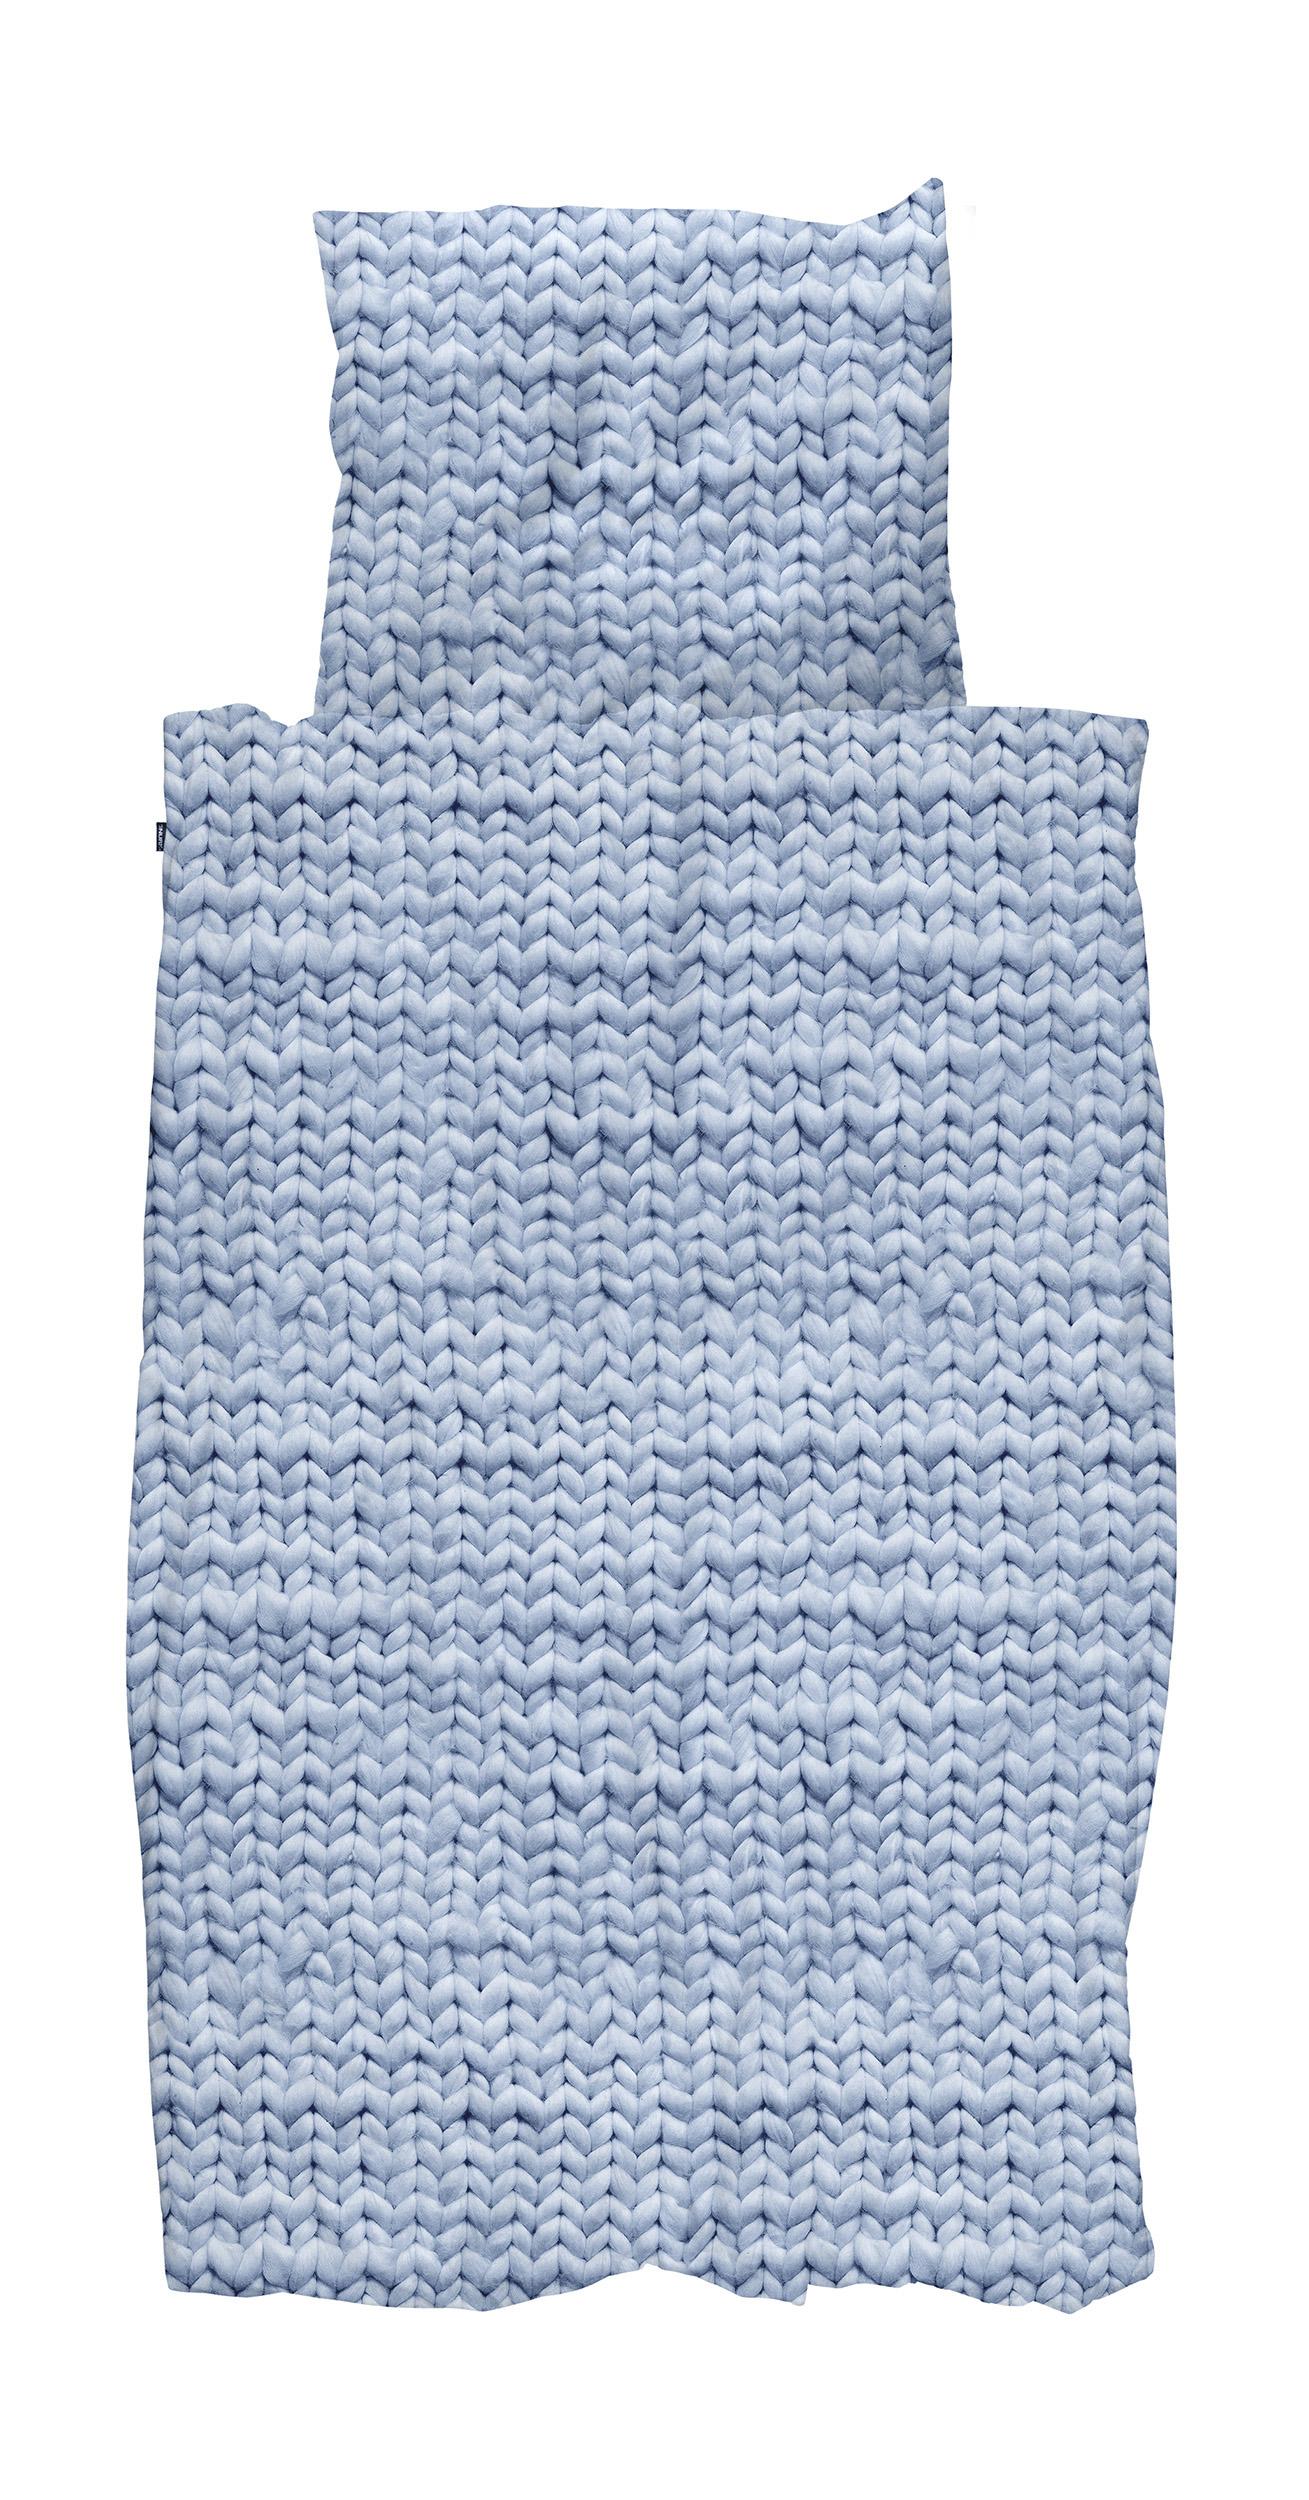 Комплект постельного белья Косичка синий 150х200, inmyroom, Нидерланды  - Купить